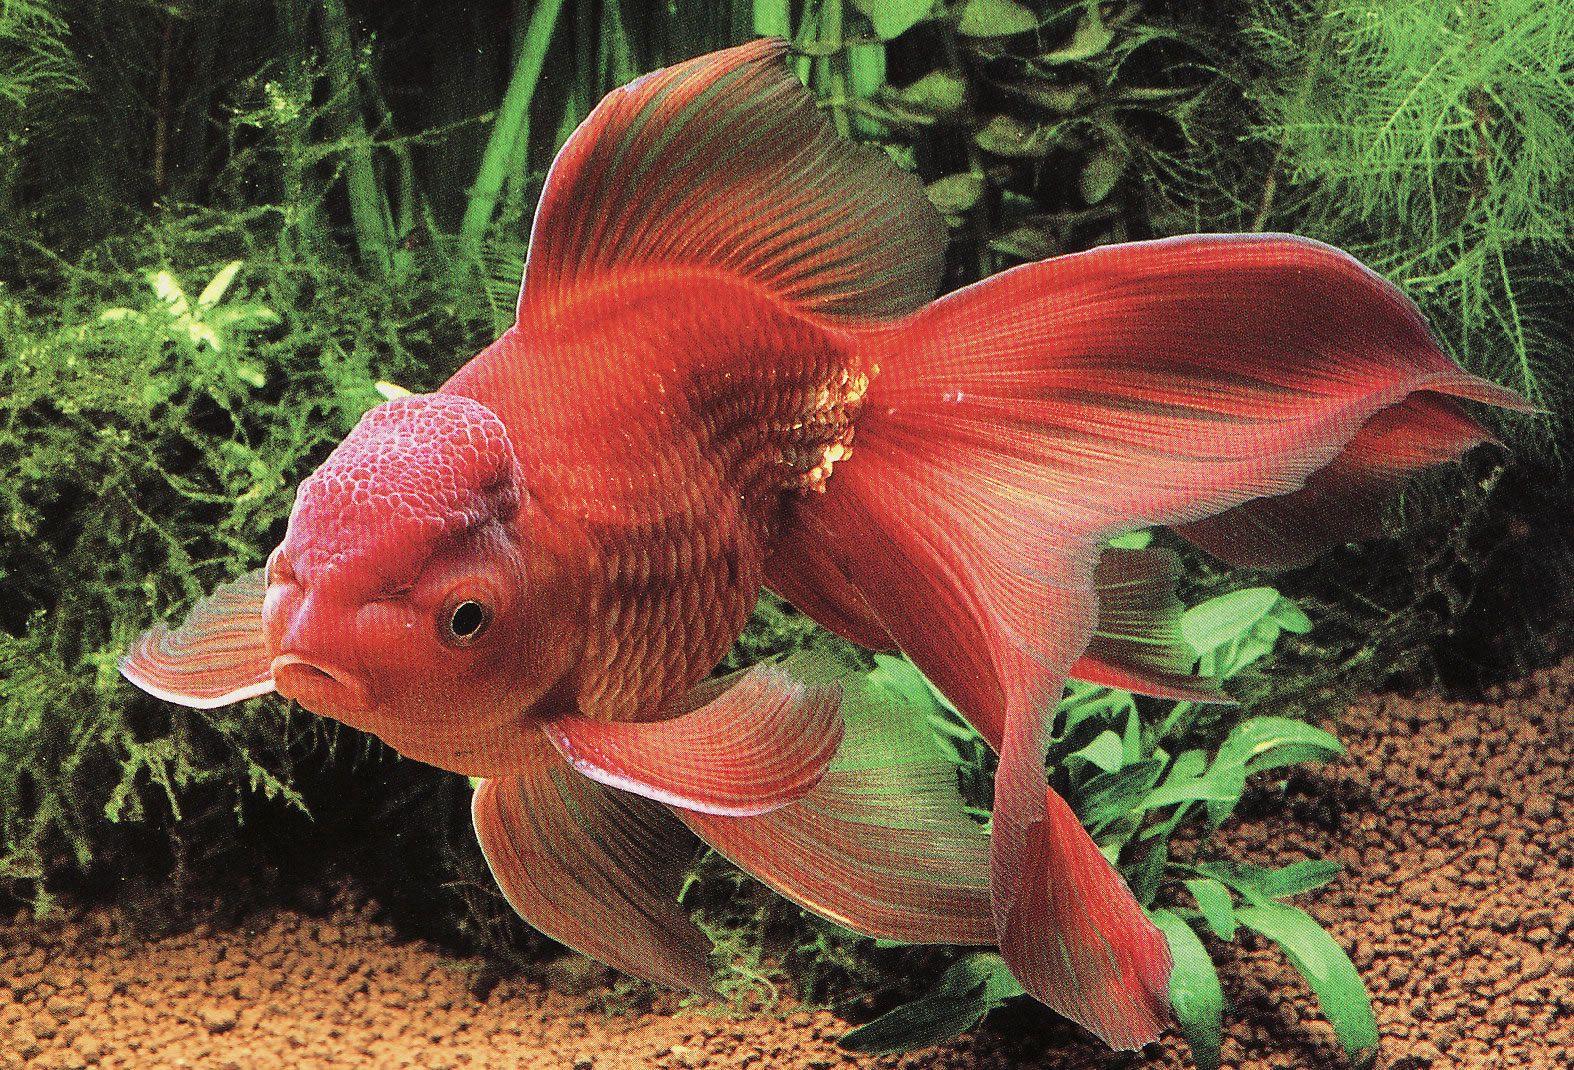 Pin by ティラミス on 欲しいもの | Pinterest | Goldfish, Fish and ...